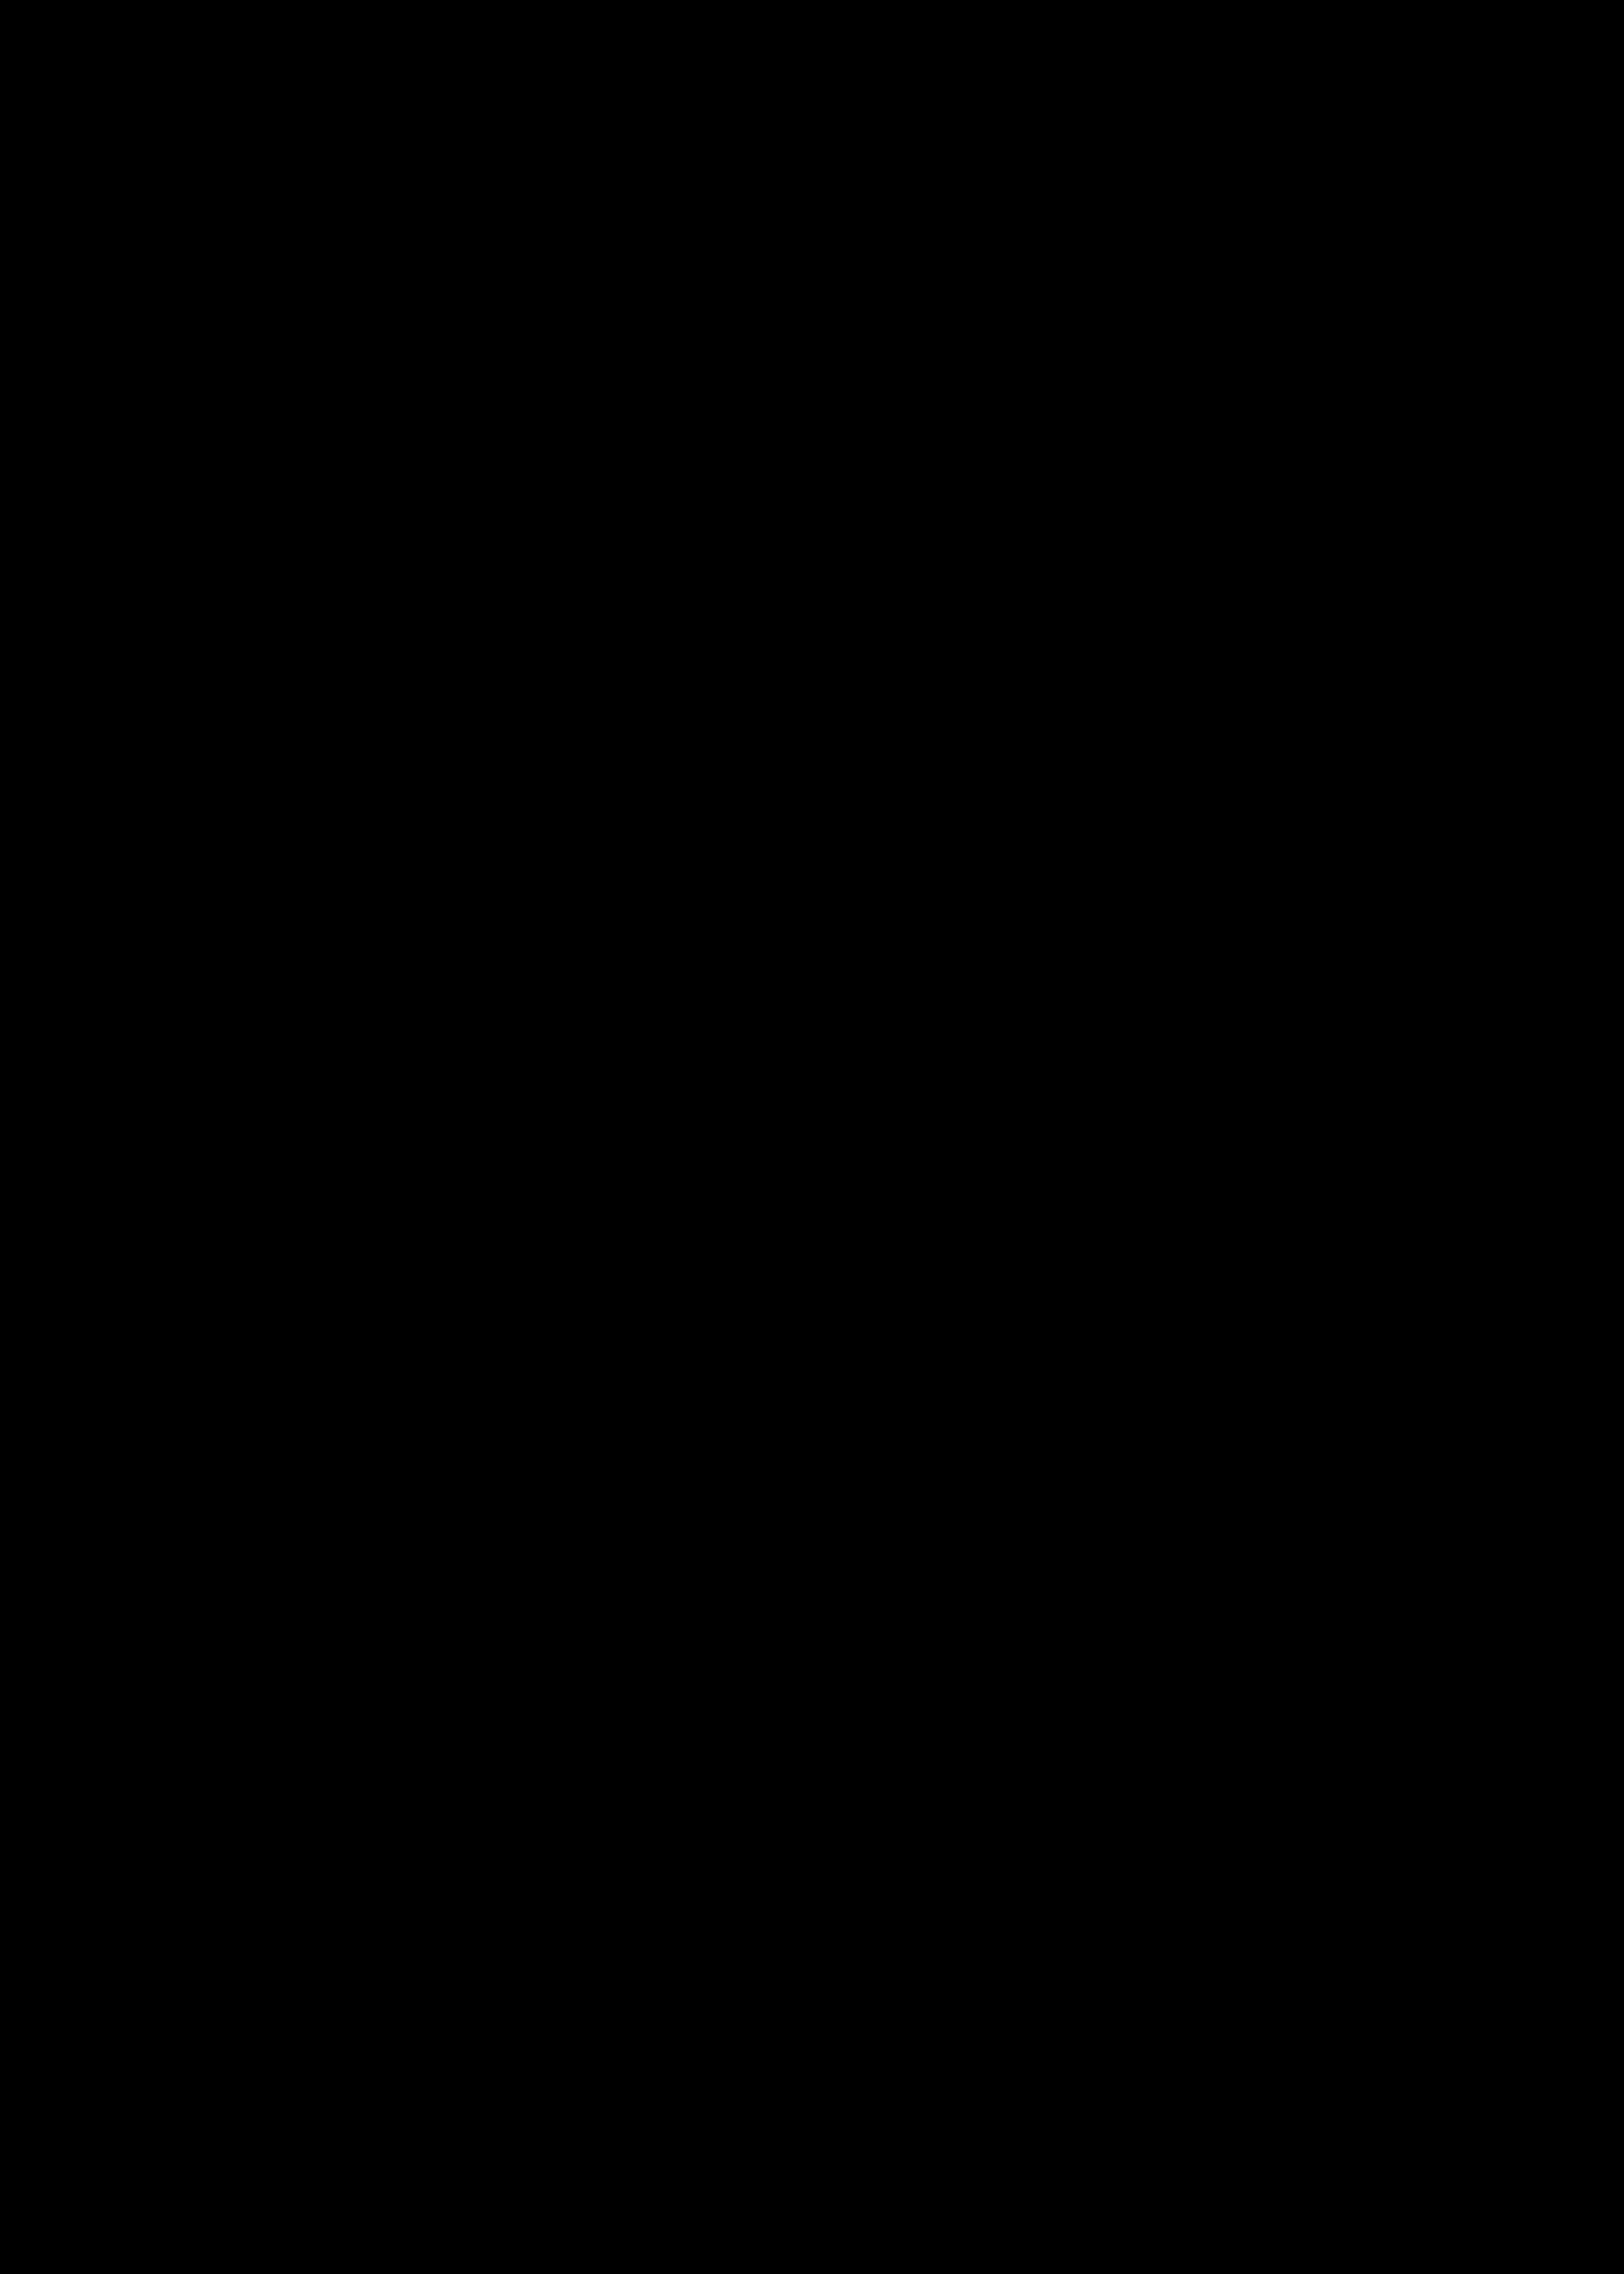 cardin-concorso-locandina-50×70-new-001